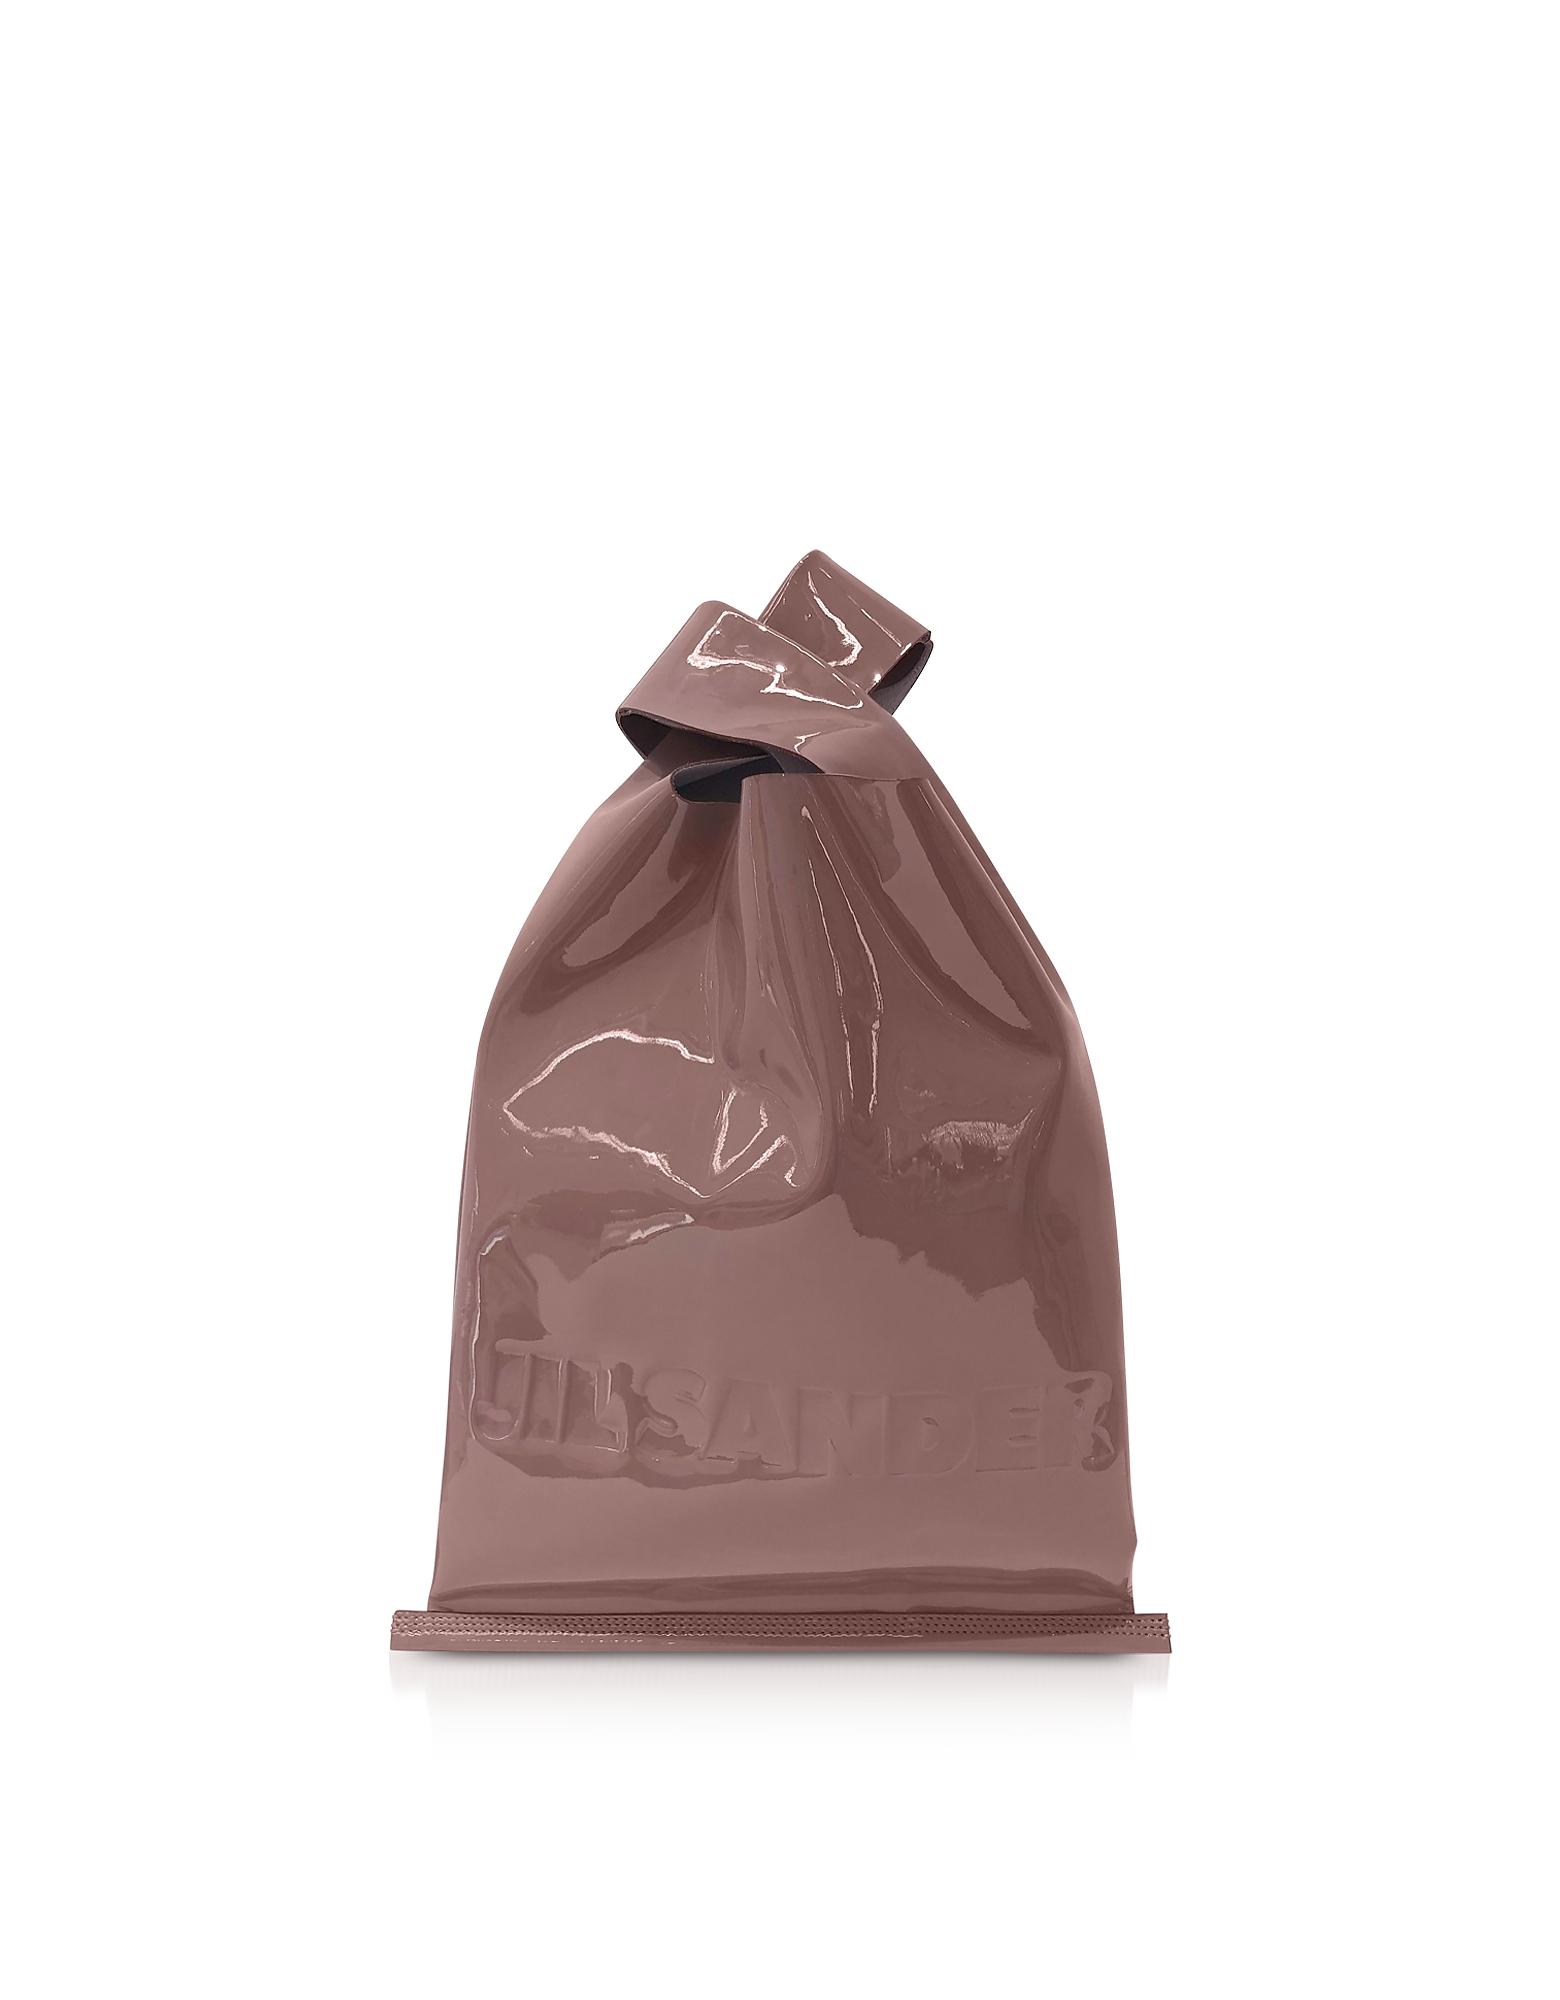 Jil Sander Designer Handbags, Soft Patent Leather Market Bag